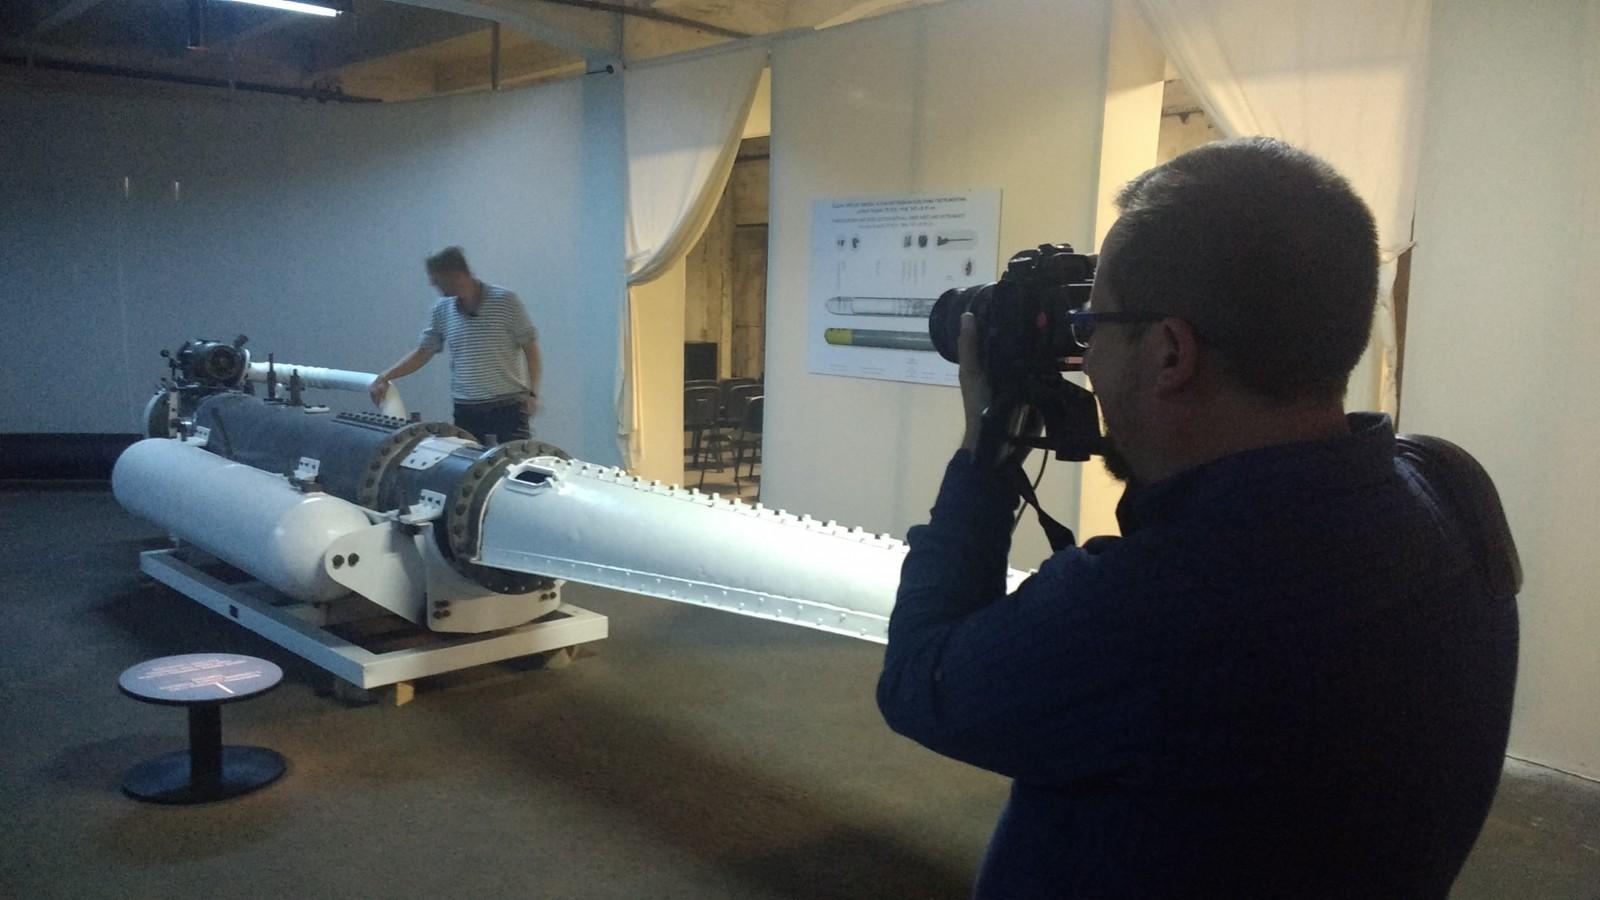 Novinari iz triju zemalja pripremali ovog vikenda priloge o izložbi torpeda